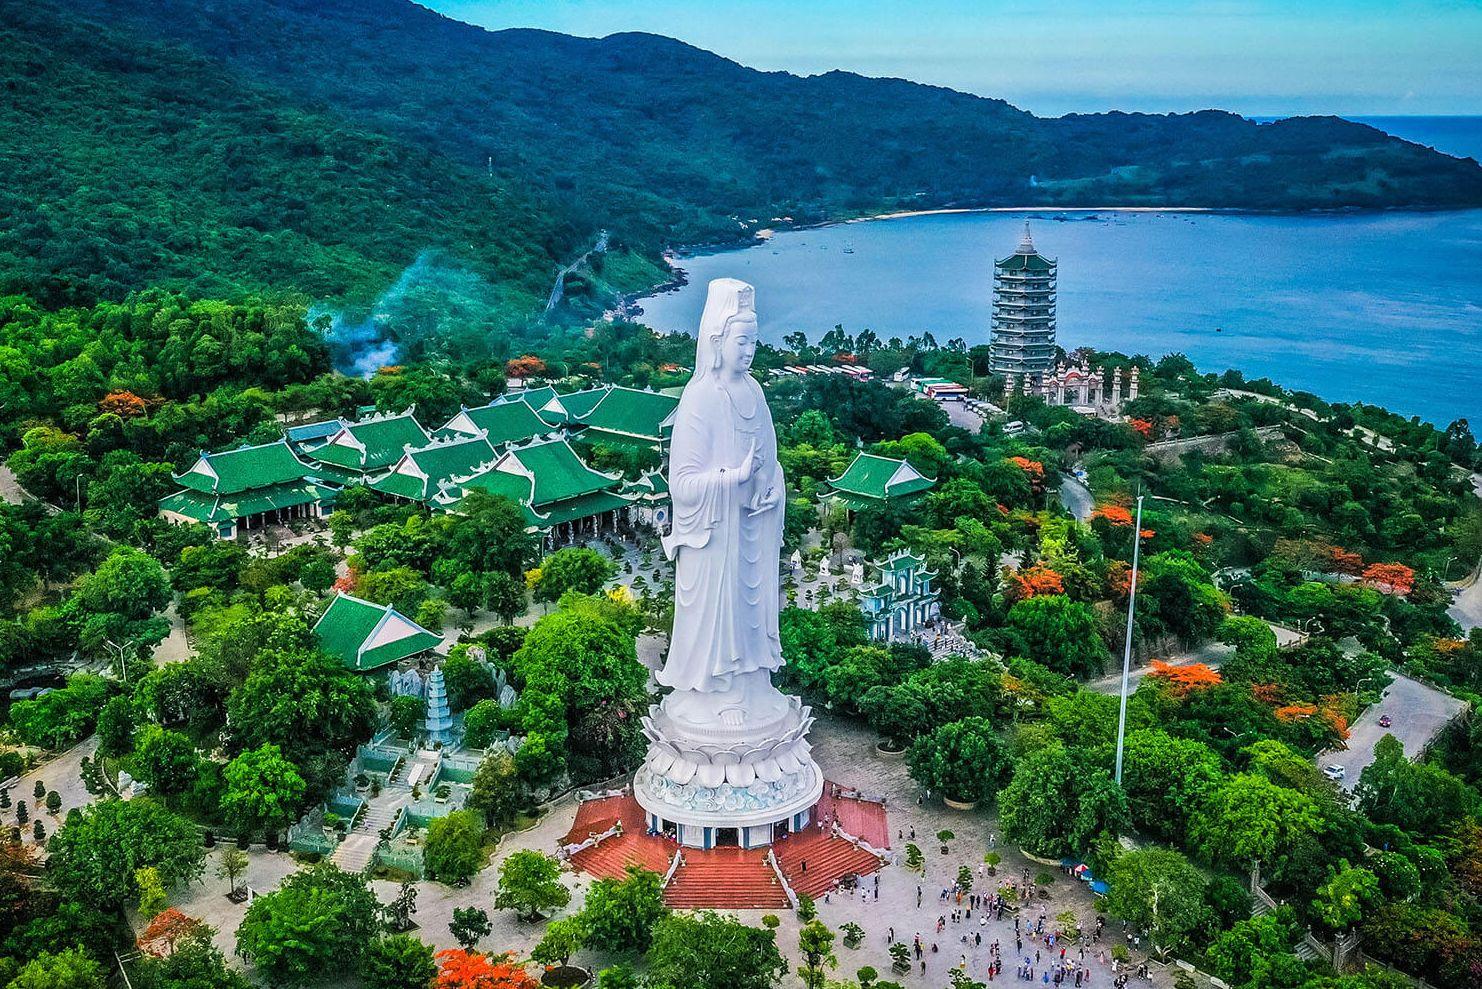 Thăm chùa Linh Ứng - Bãi Bụt có tượng Quan Âm cao nhất Việt Nam